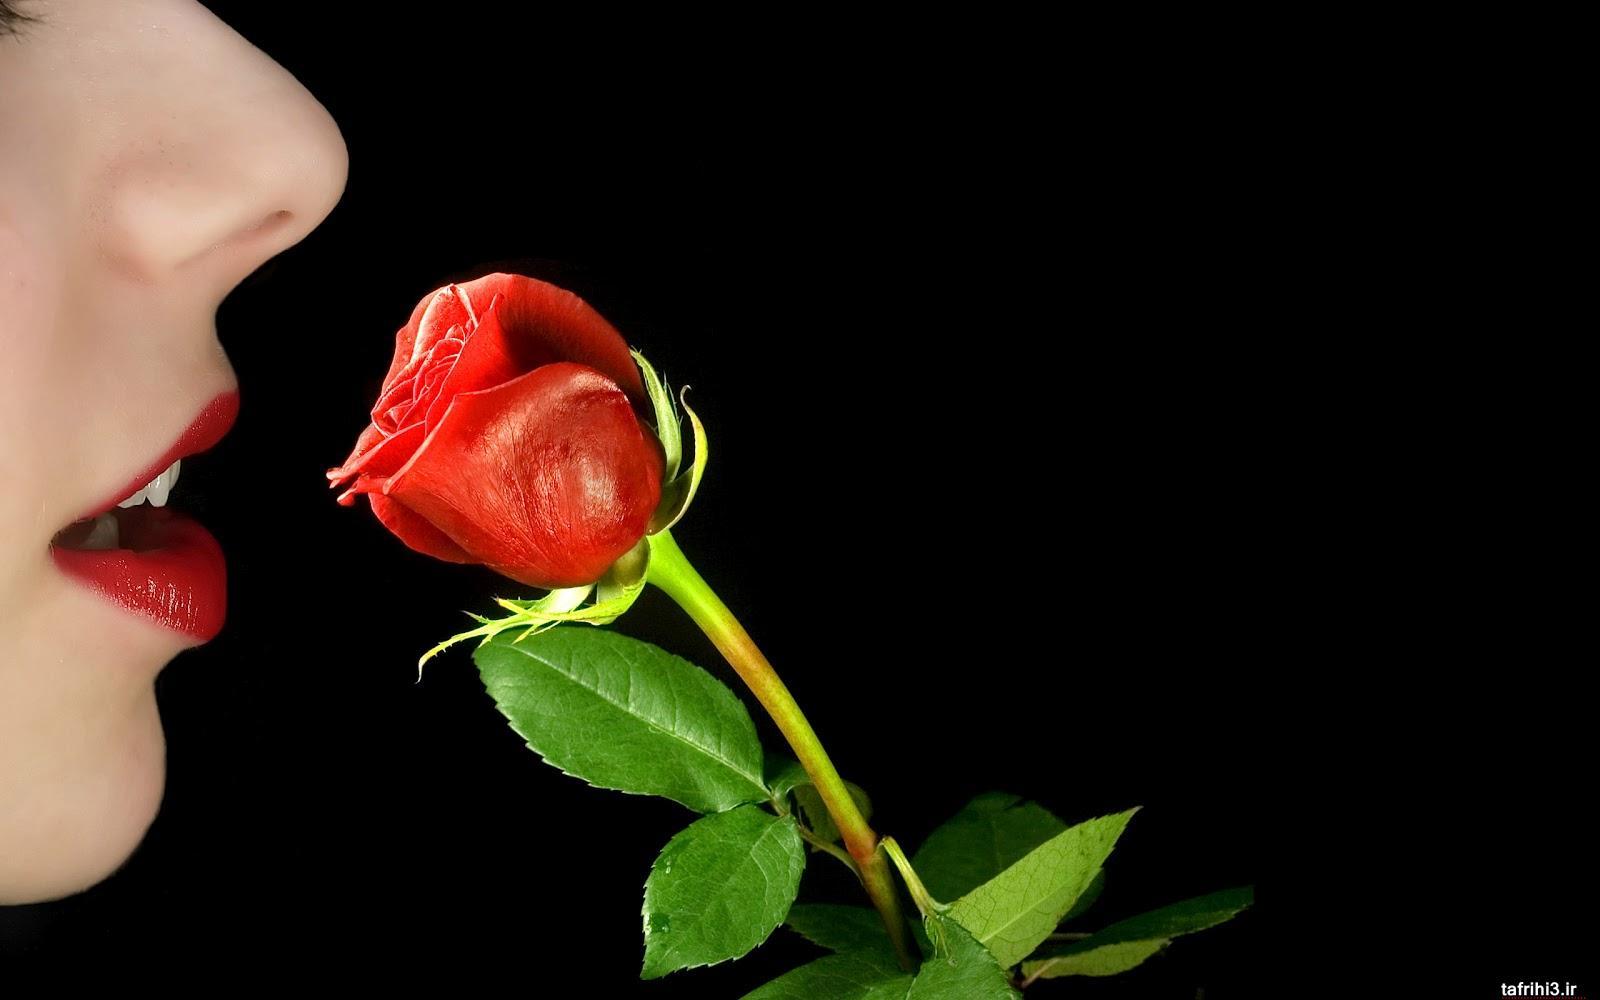 عکس های گل رز قرمز با لب و دست